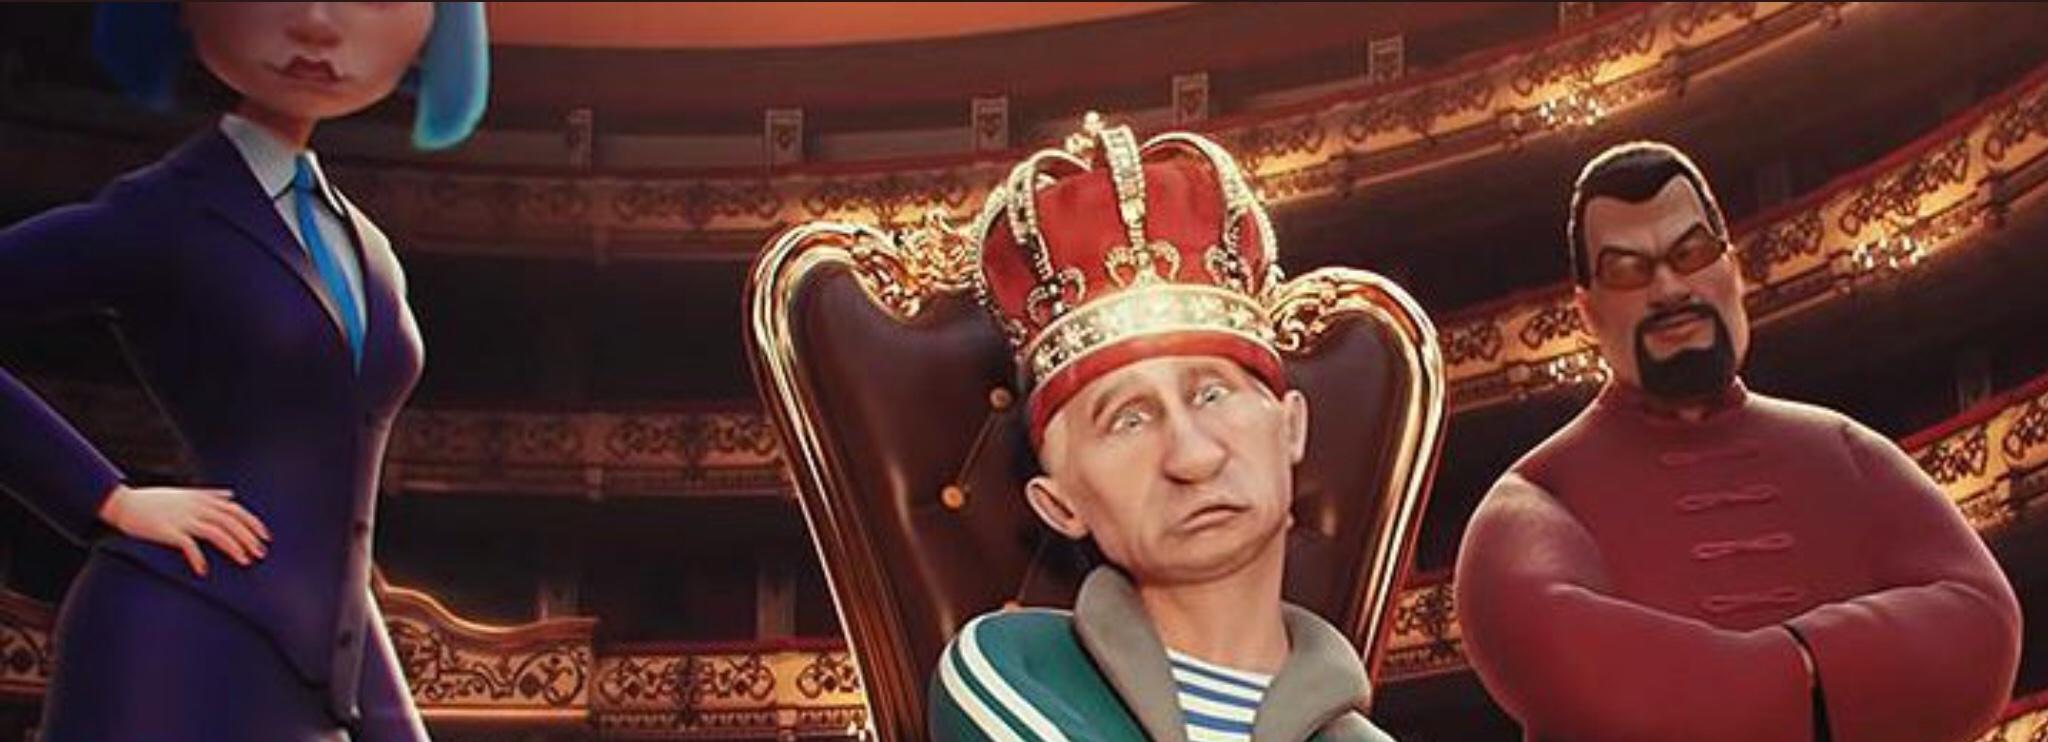 Putin myth in Western politics